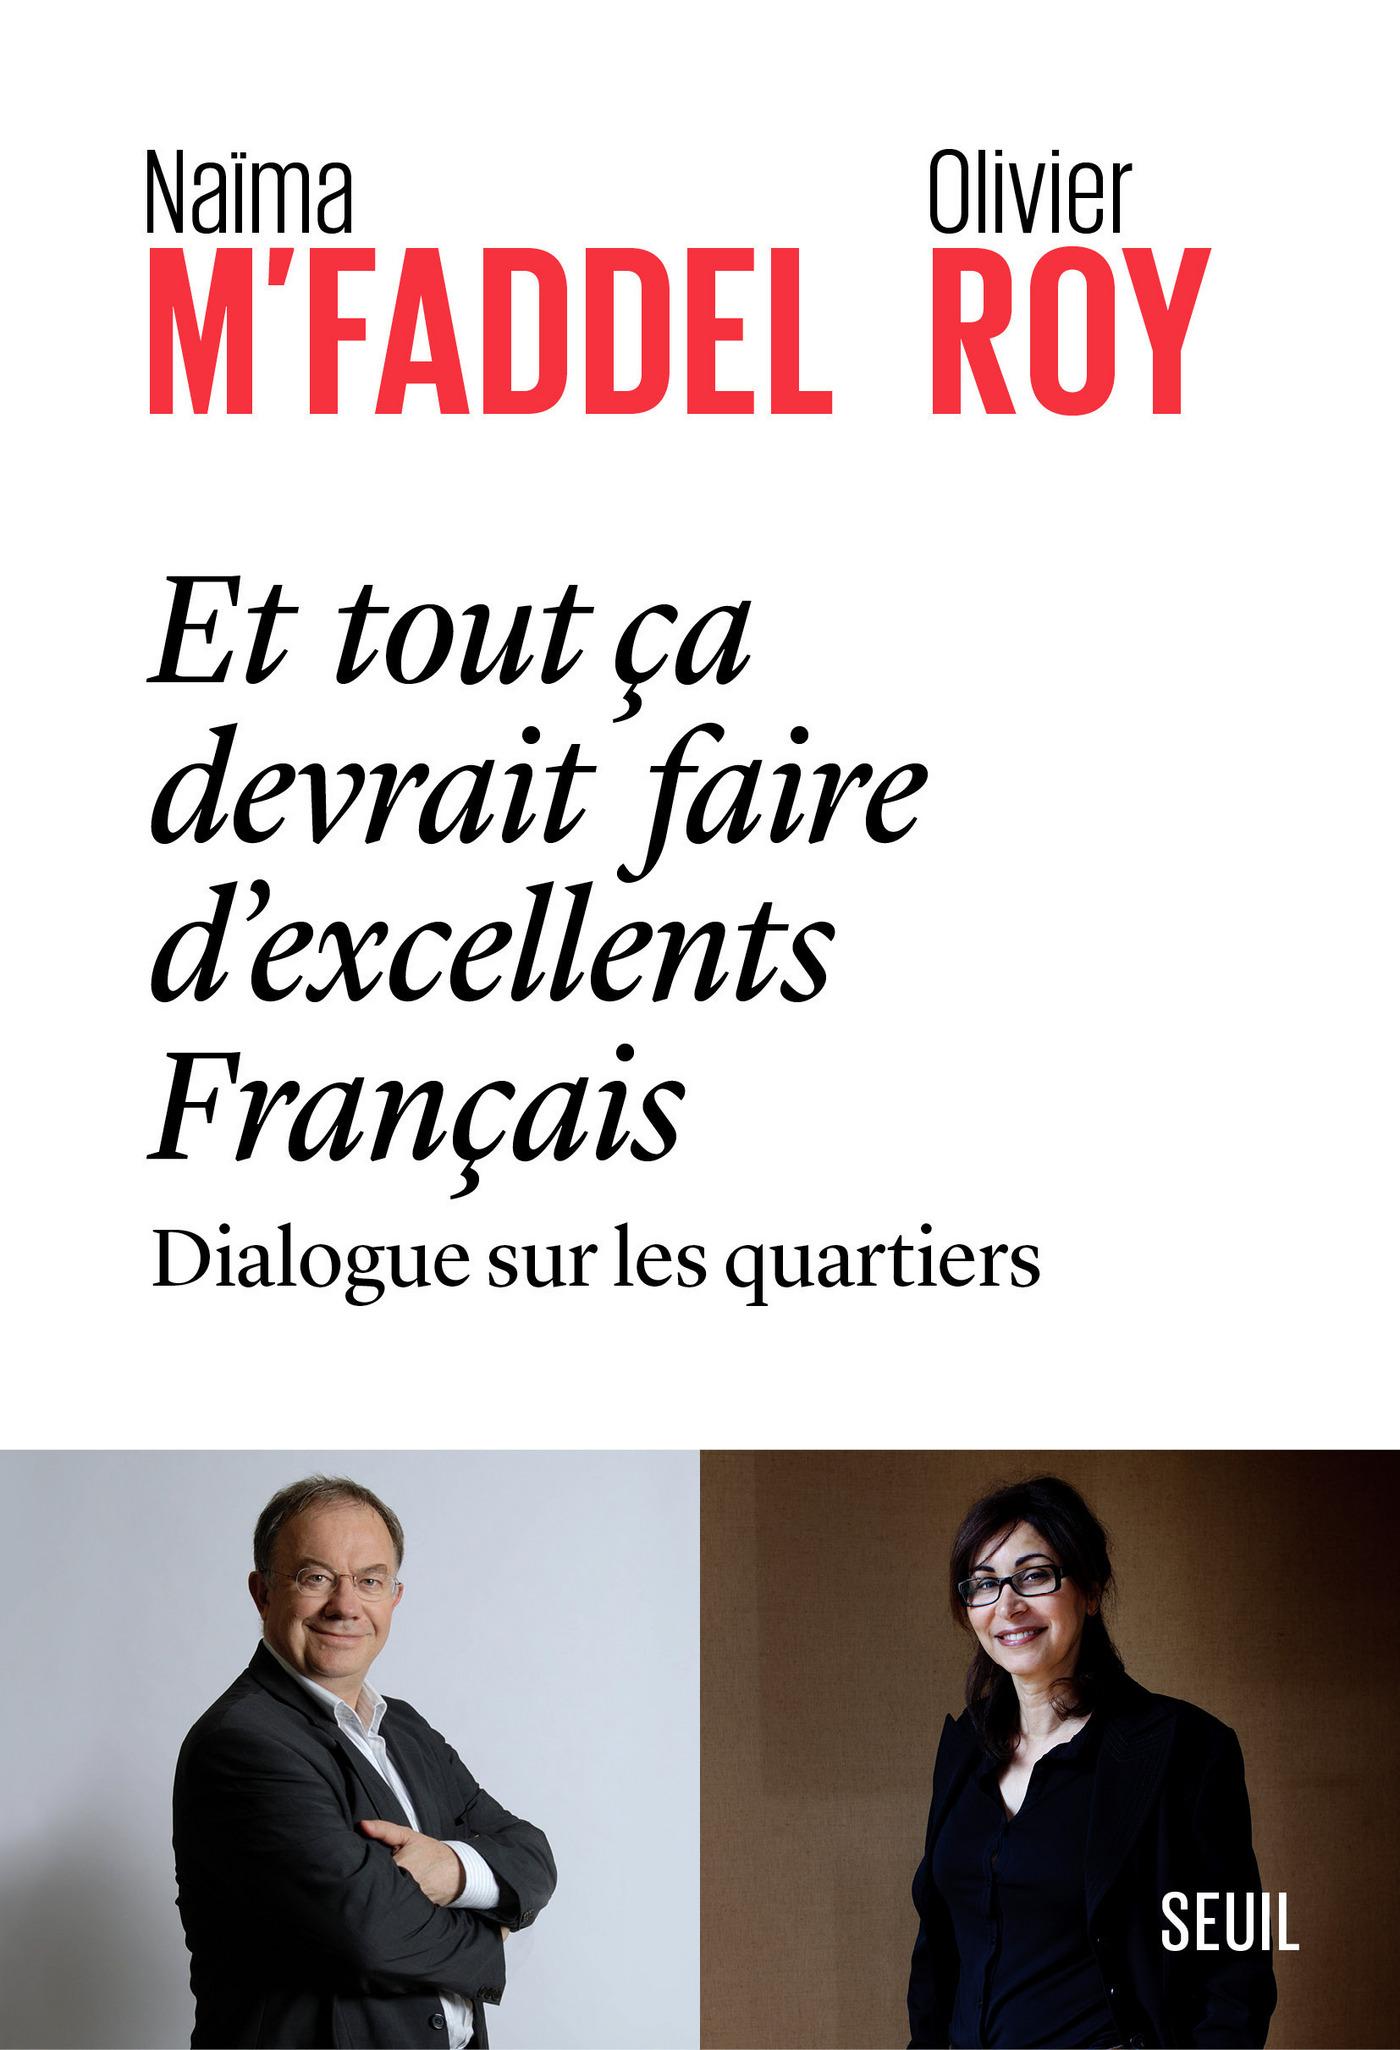 Et tout ça devrait faire d'excellents Français - dialogue sur les quartiers